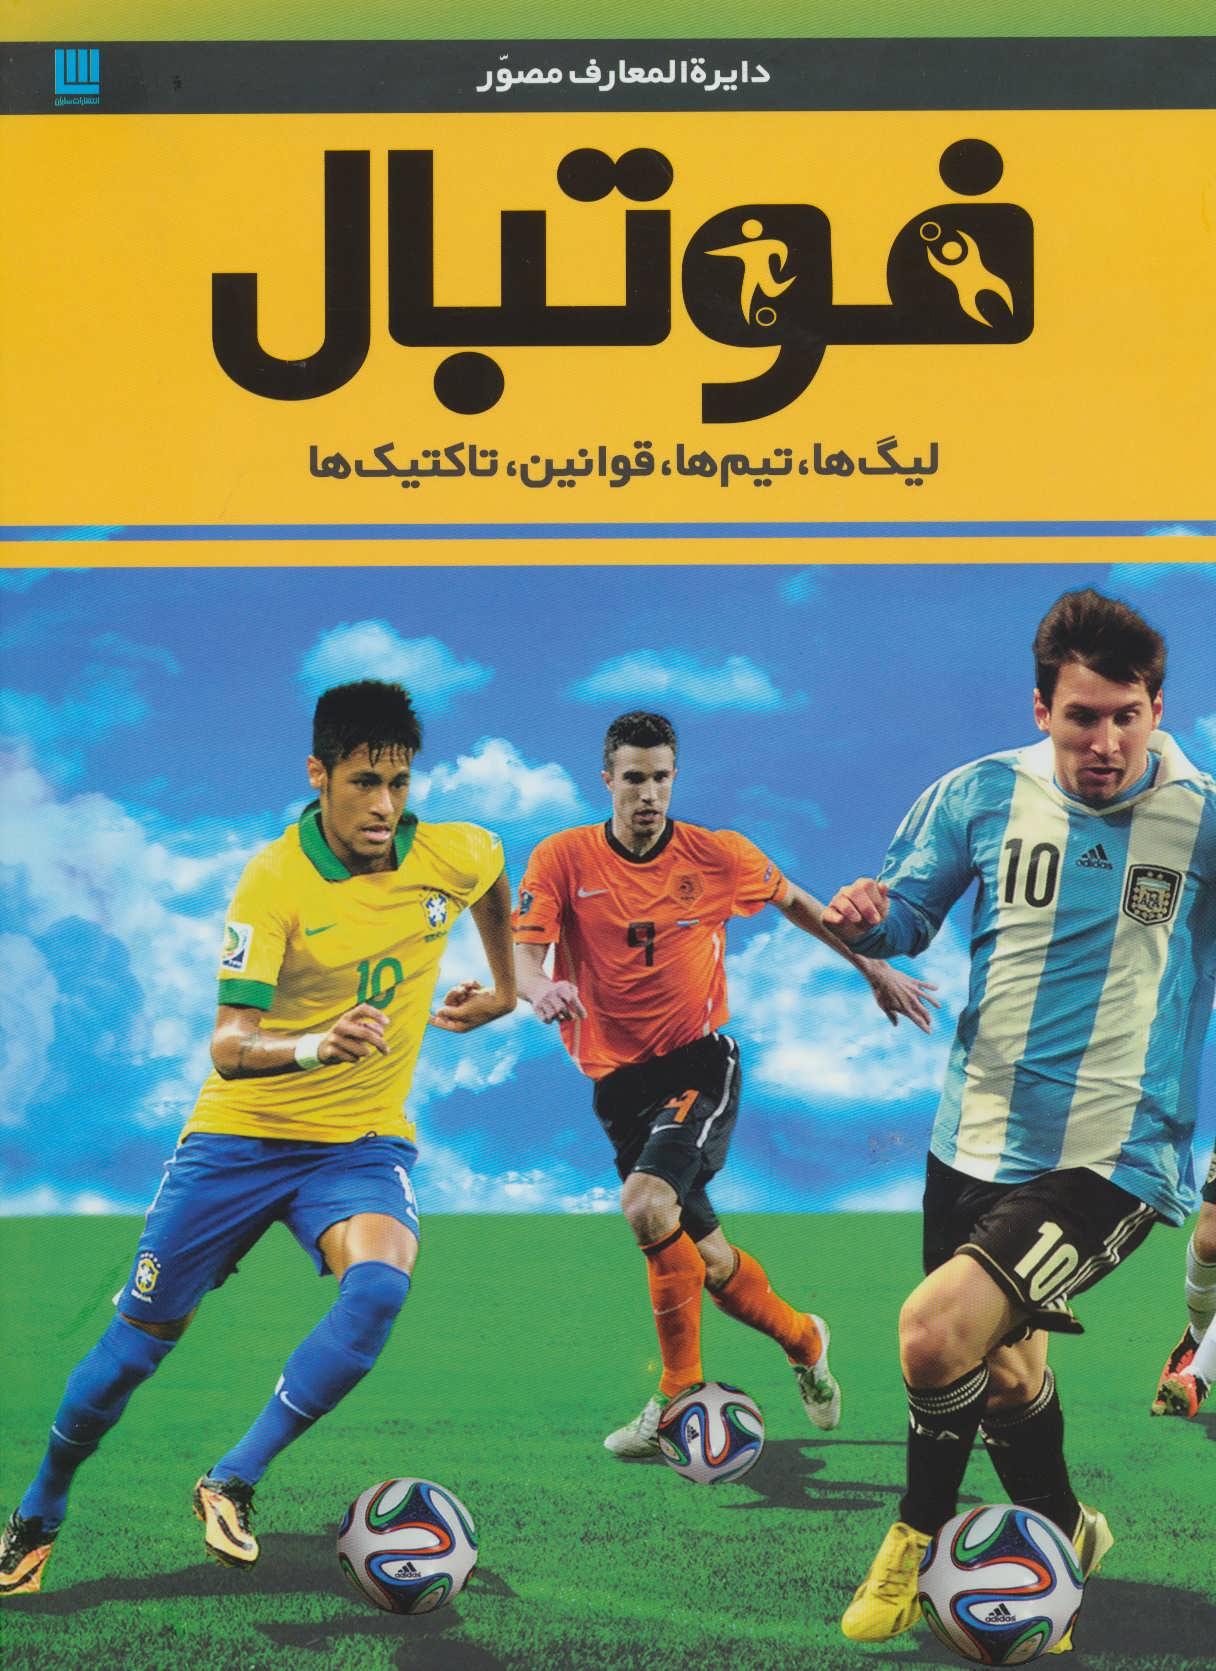 کتاب دایرهالمعارف مصور فوتبال